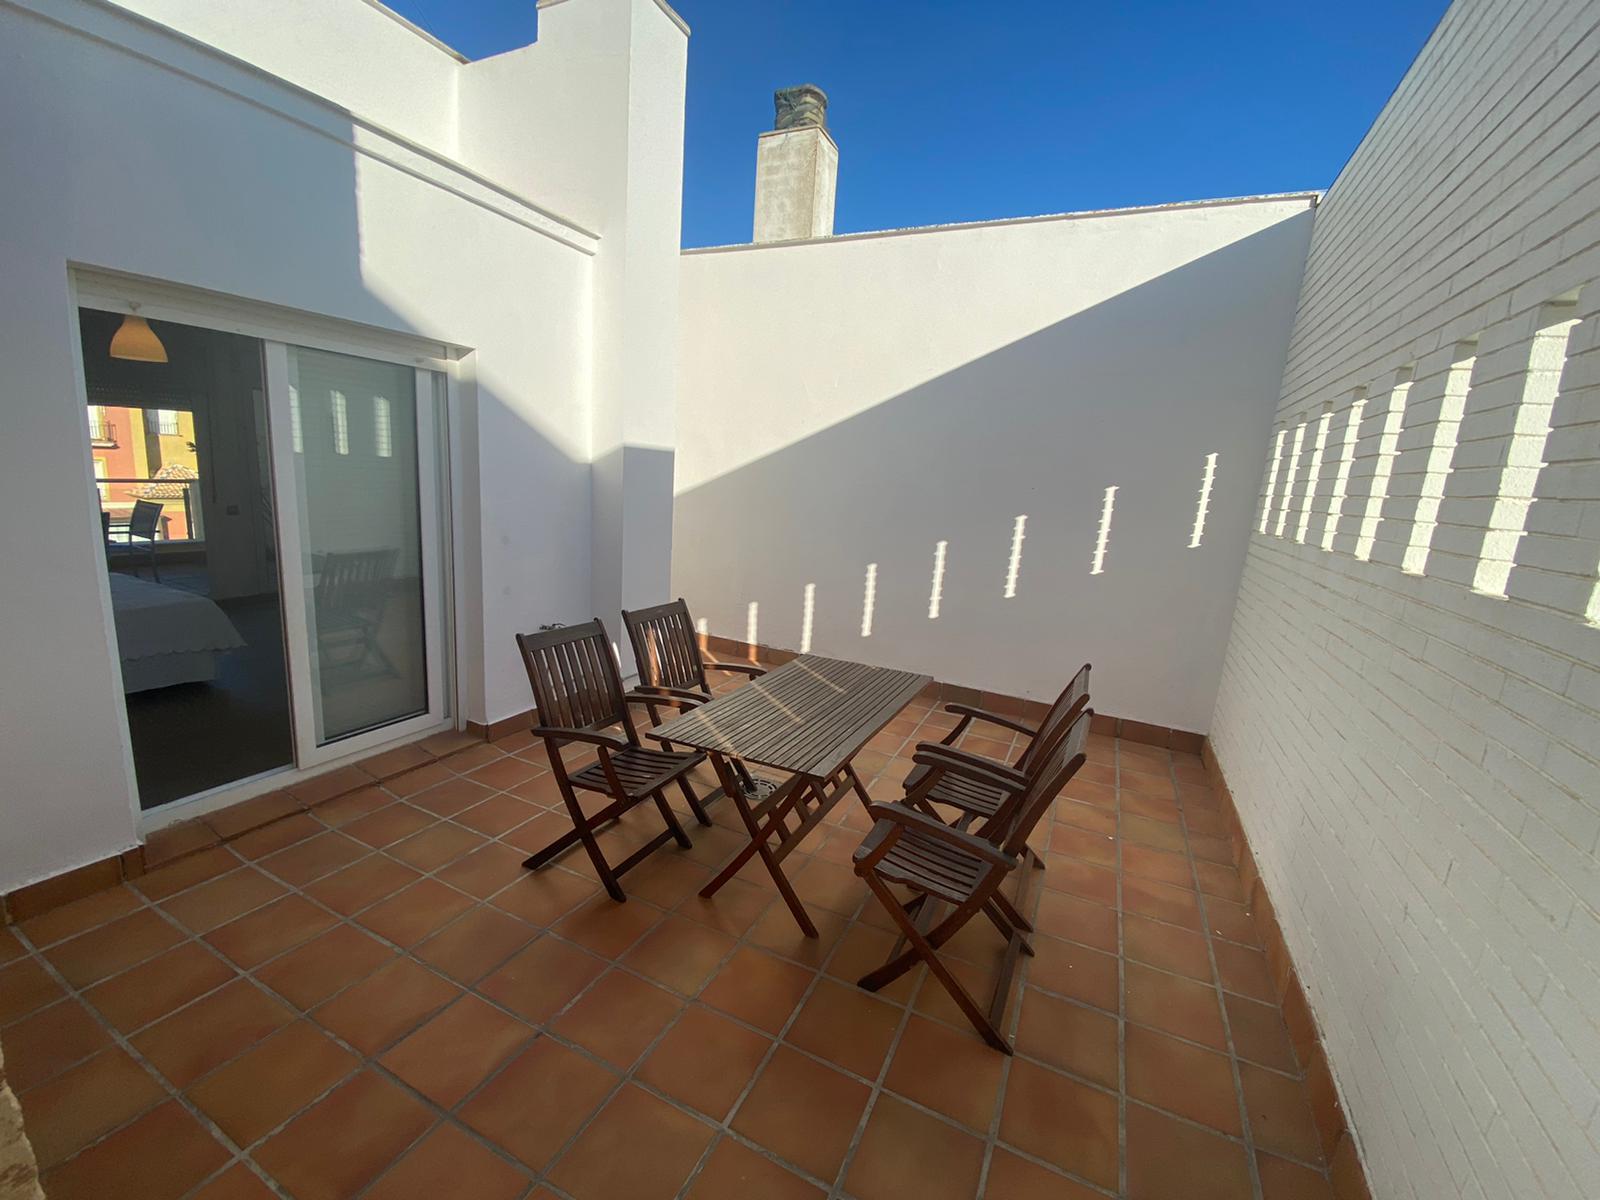 Imagen 28 del Apartamento Turístico, Ático 6 Levante (3d+2b), Punta del Moral (HUELVA), Paseo de la Cruz nº22